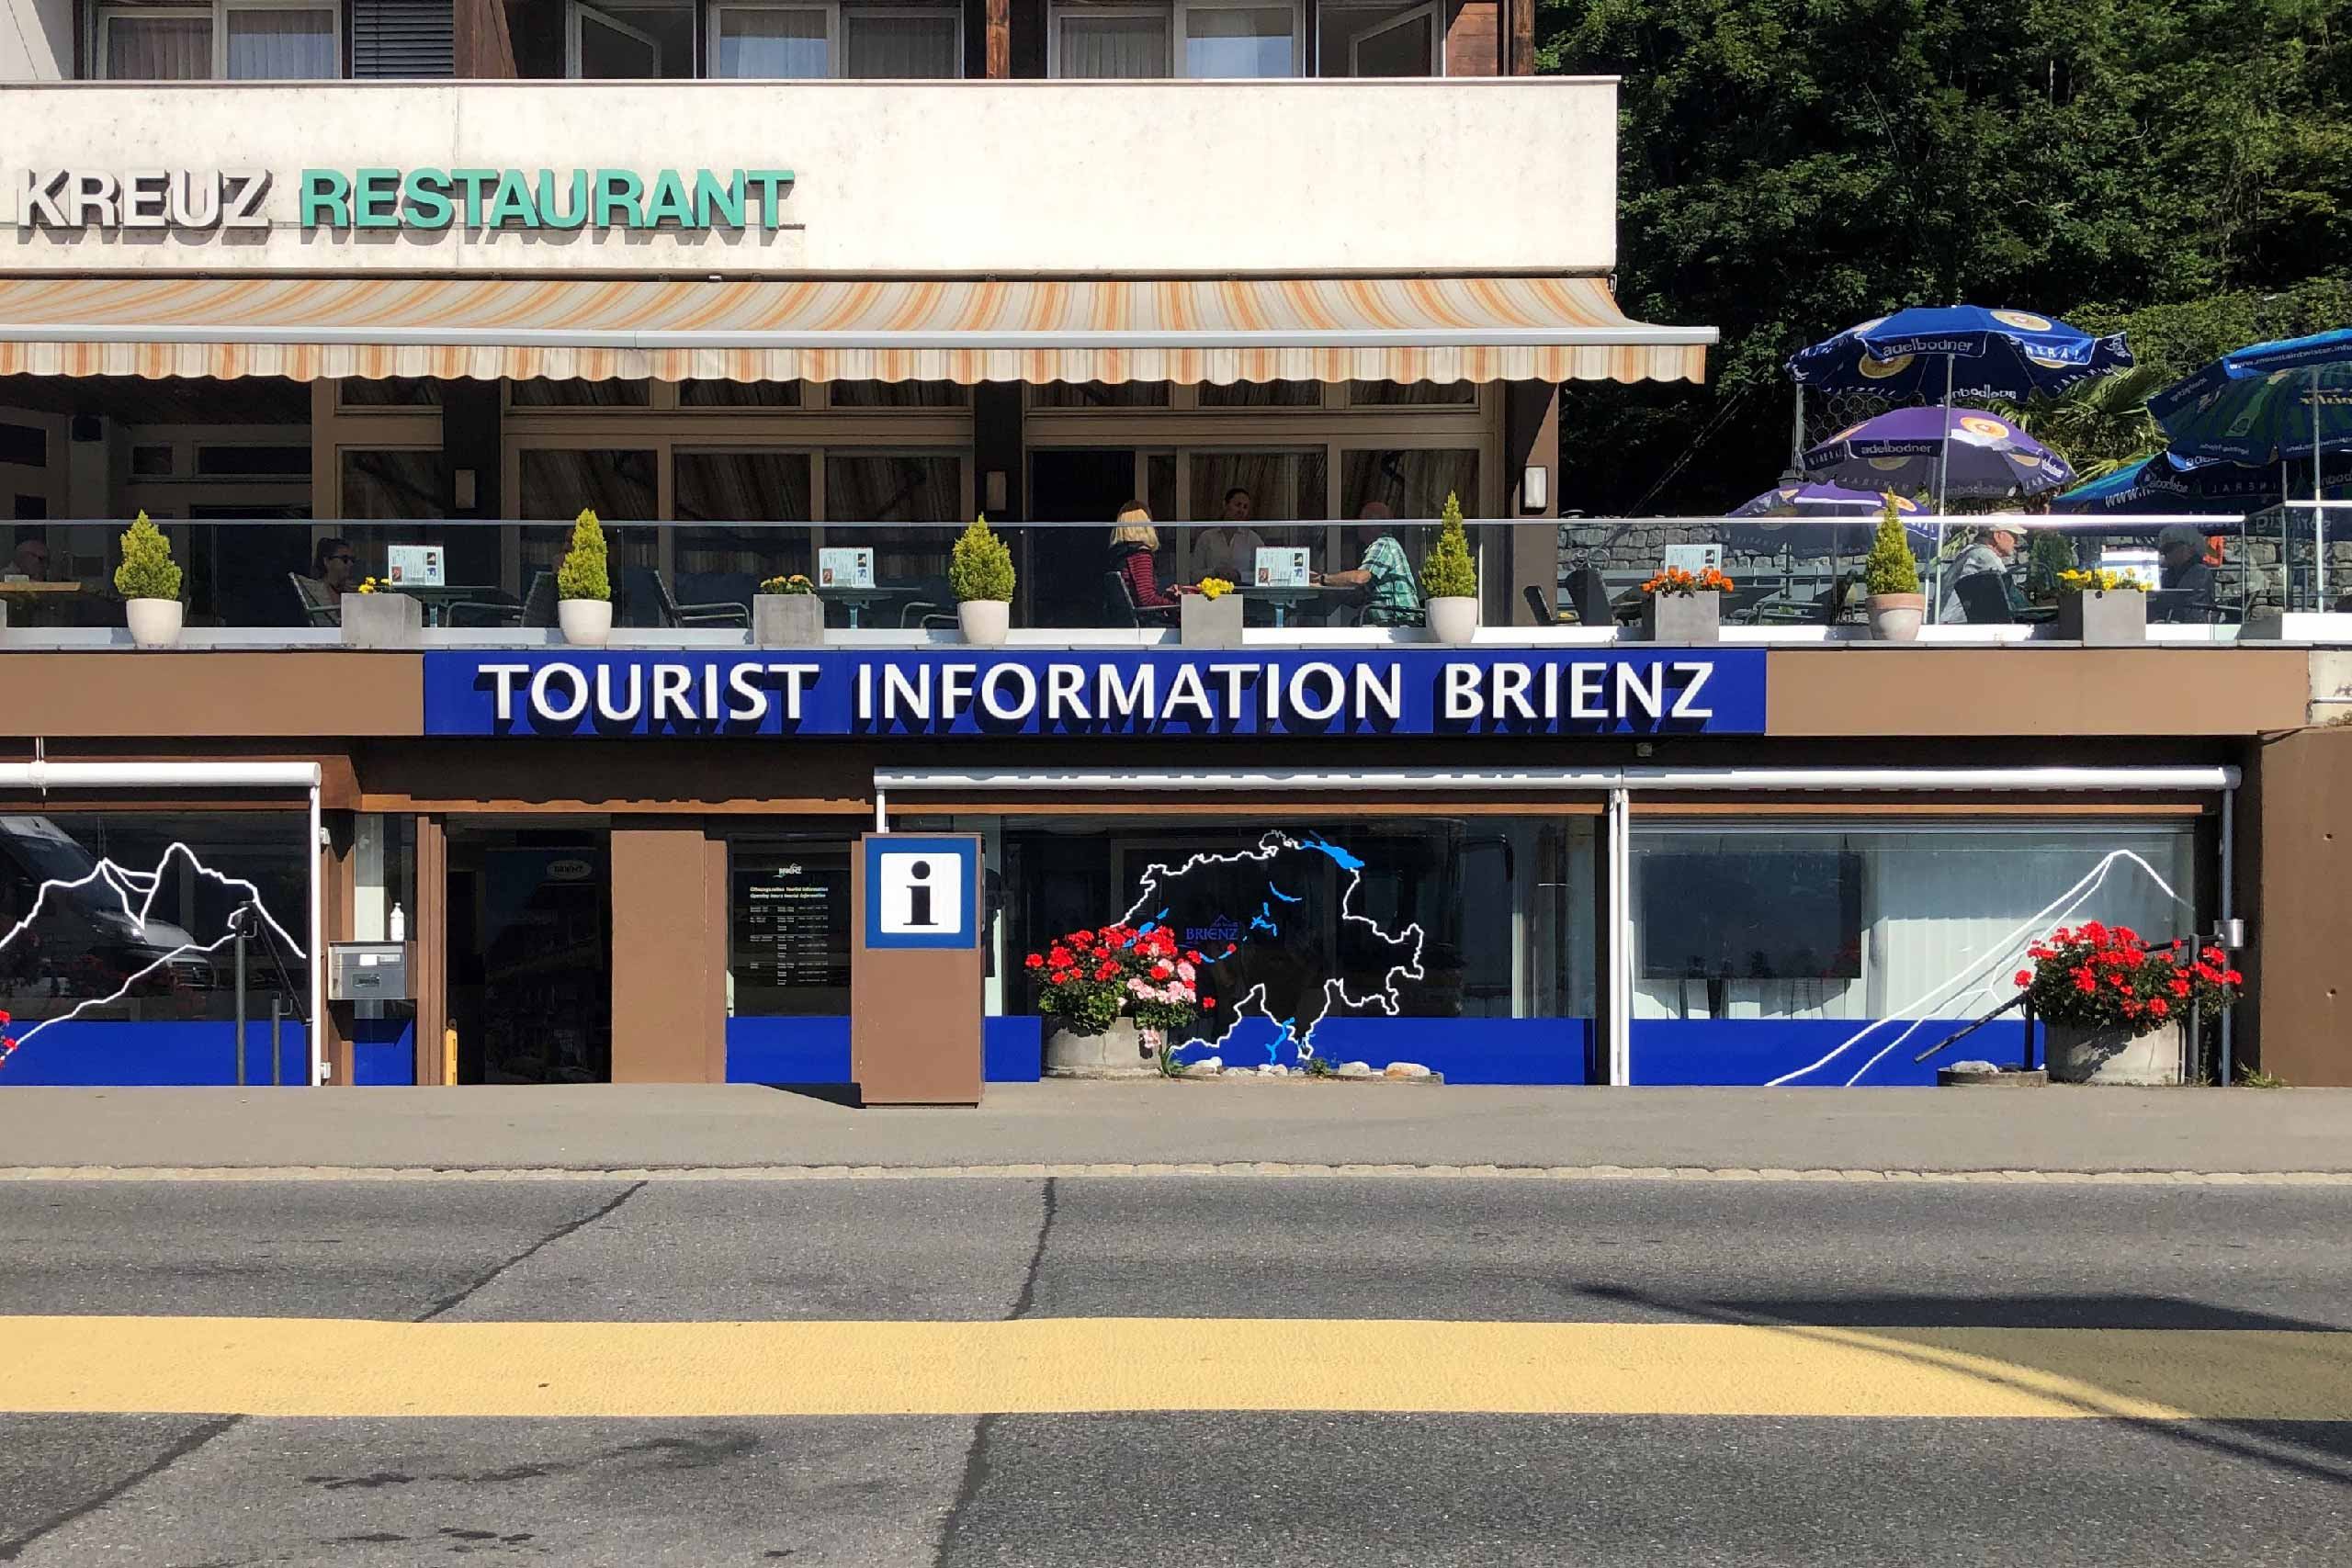 brienz-tourismus-buerau-information-schaufenster-sommer-ansicht.jpg